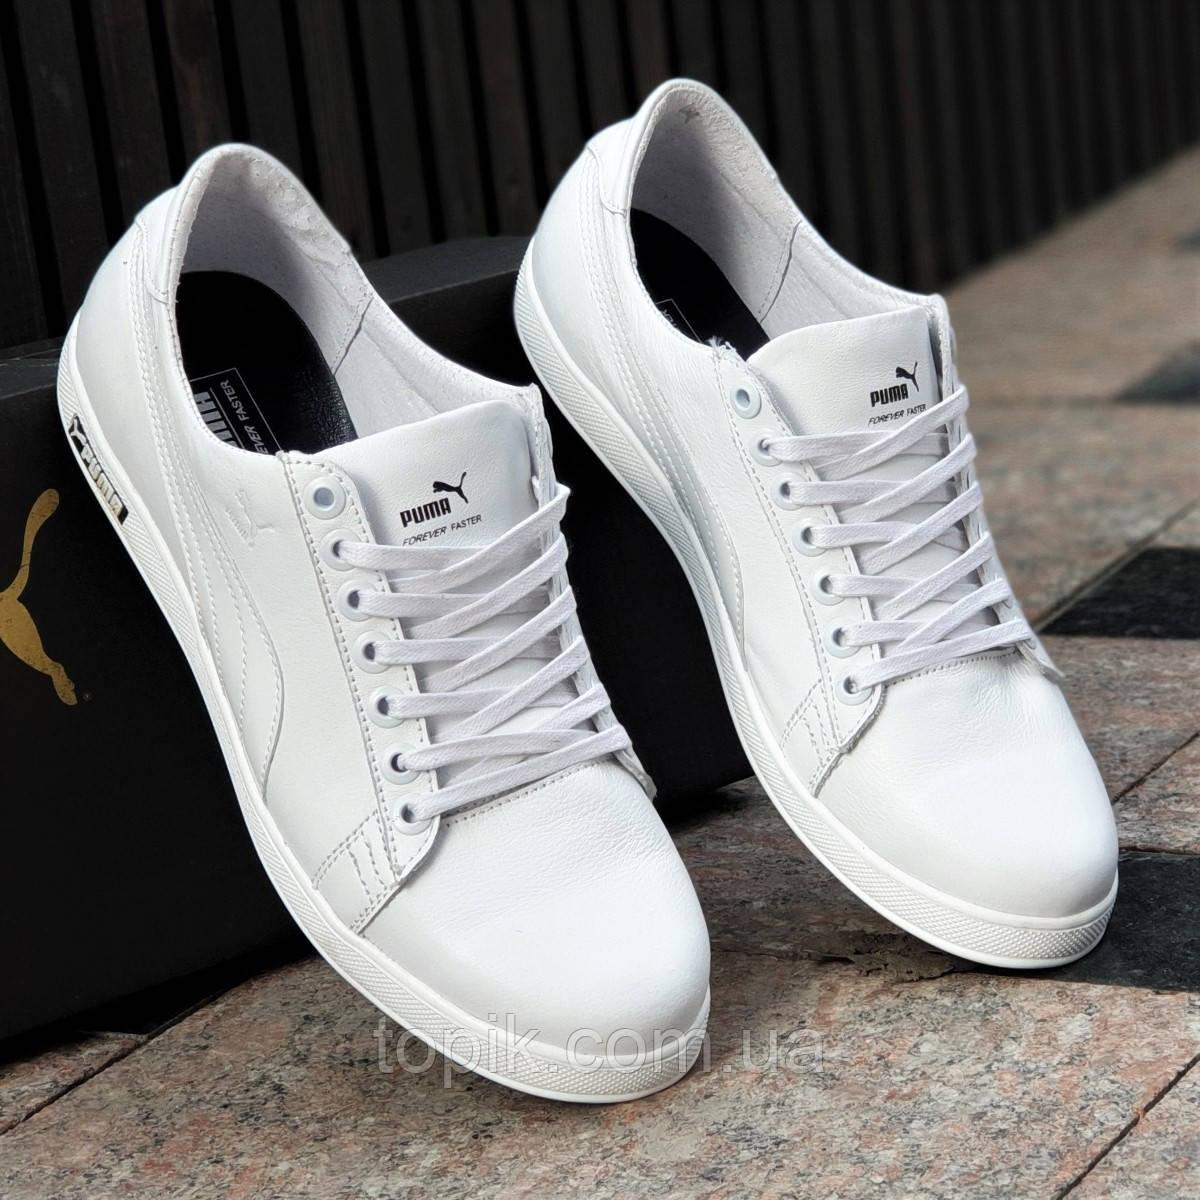 b67953bb Белые мужские кеды, кроссовки, мокасины кожаные, белая подошва, трендовые  на каждый день